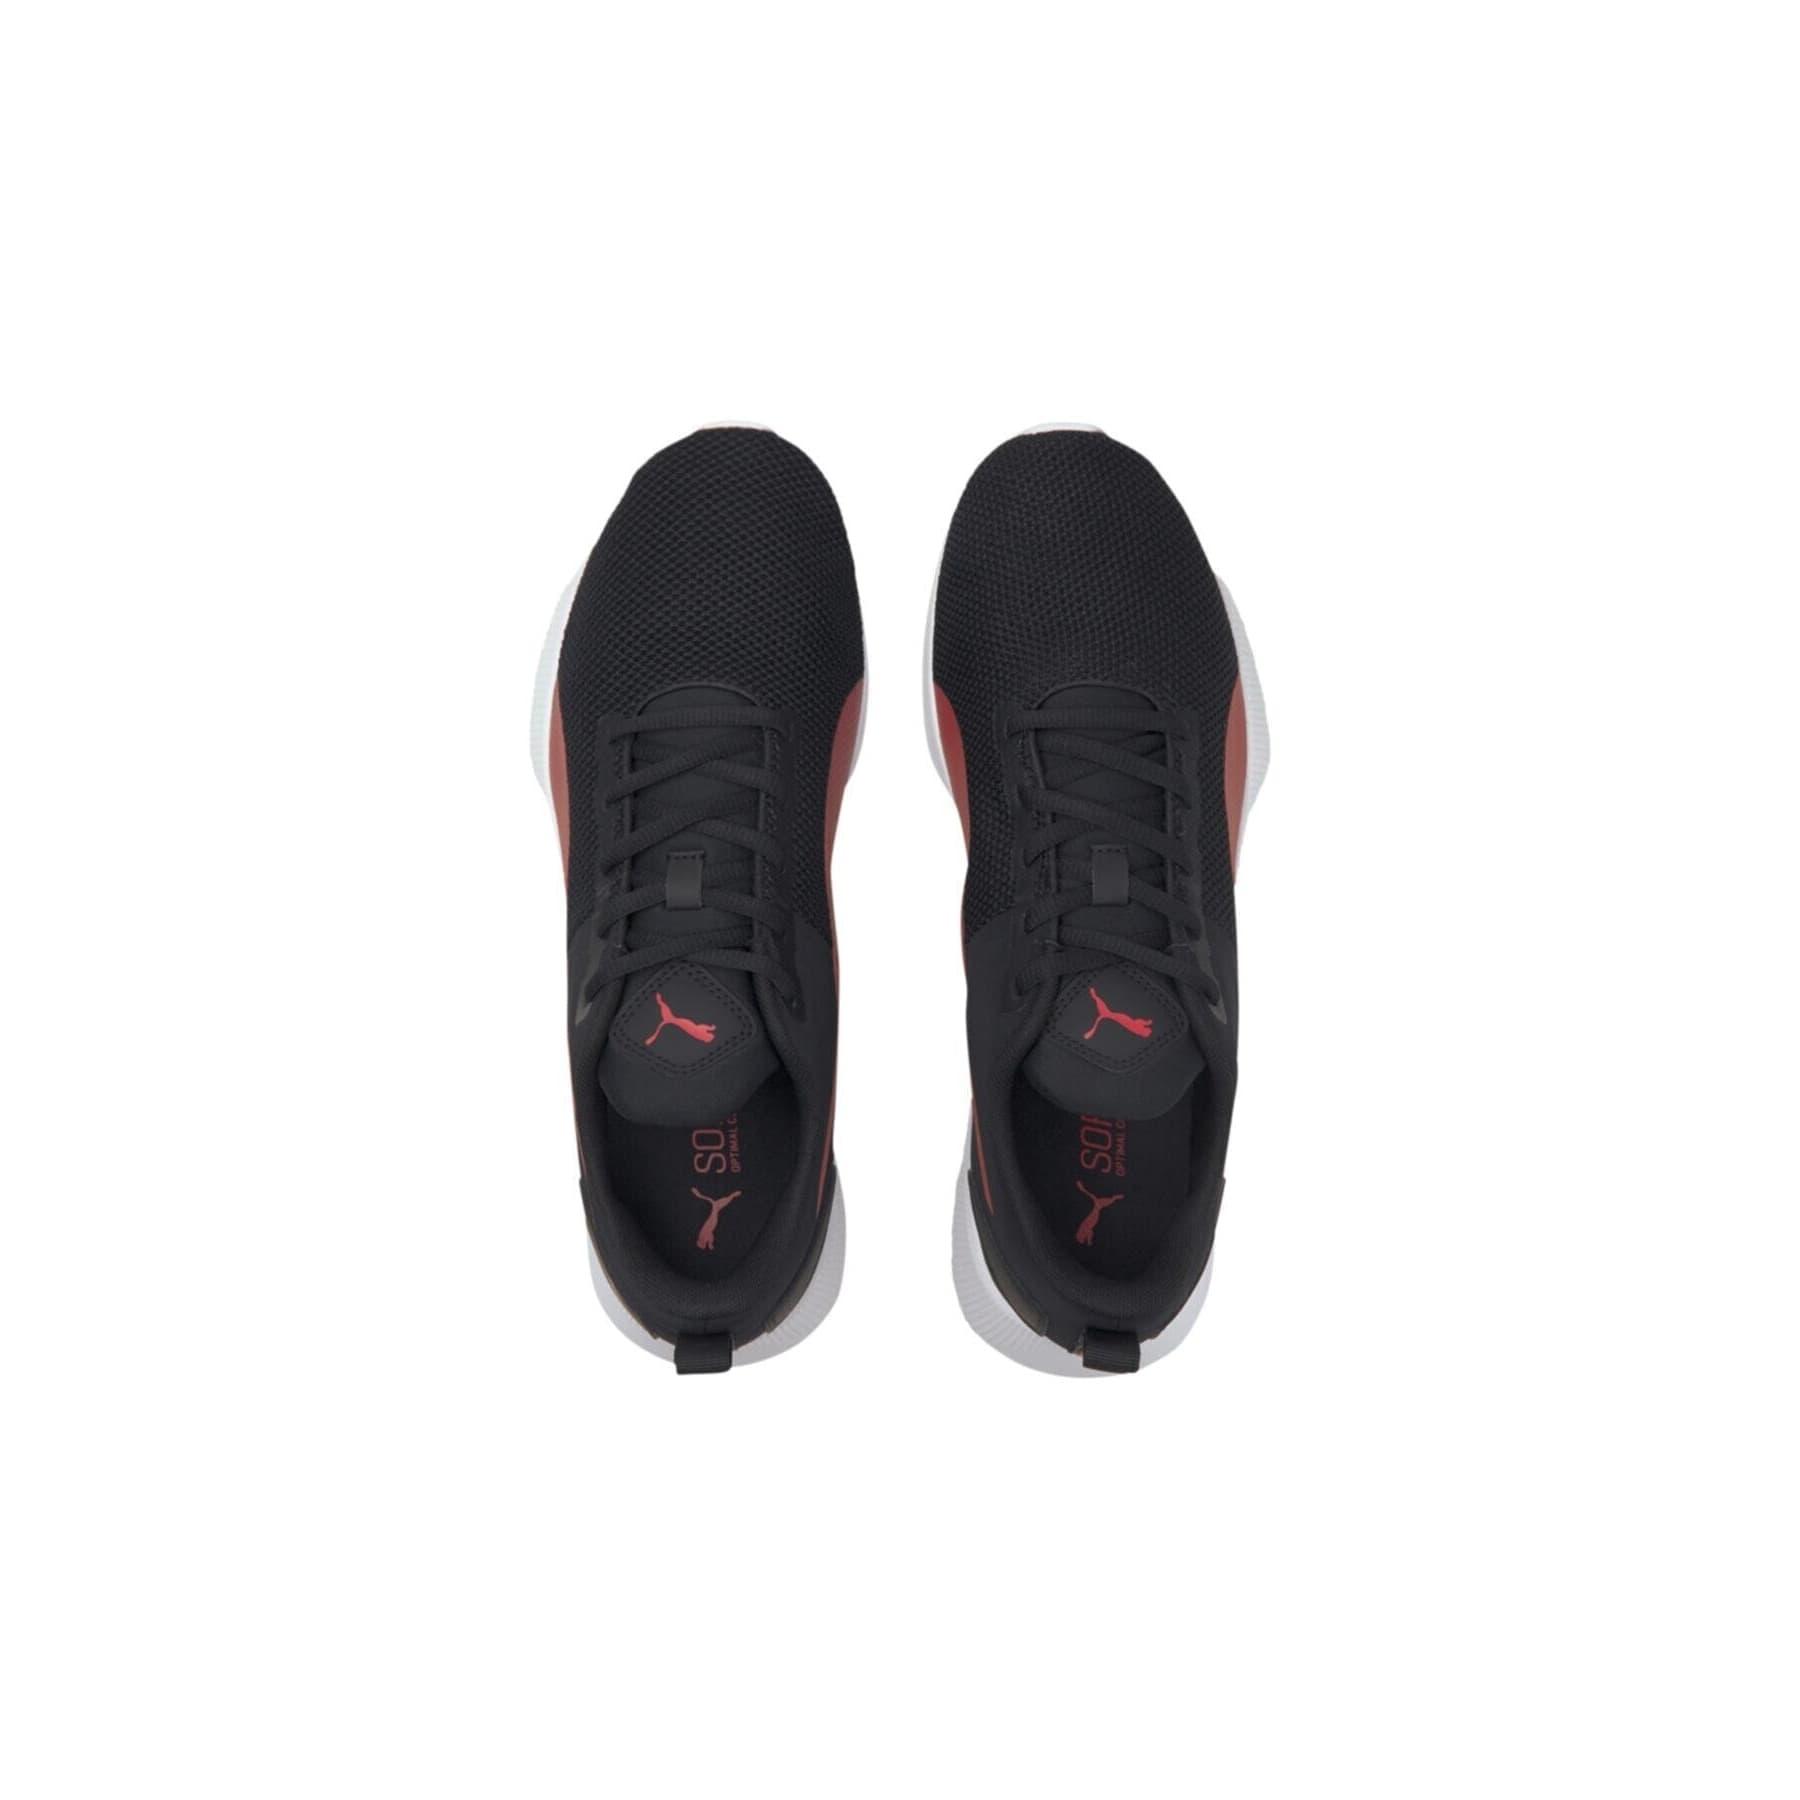 Flyer Runner Siyah Koşu Ayakkabısı (192257-42)